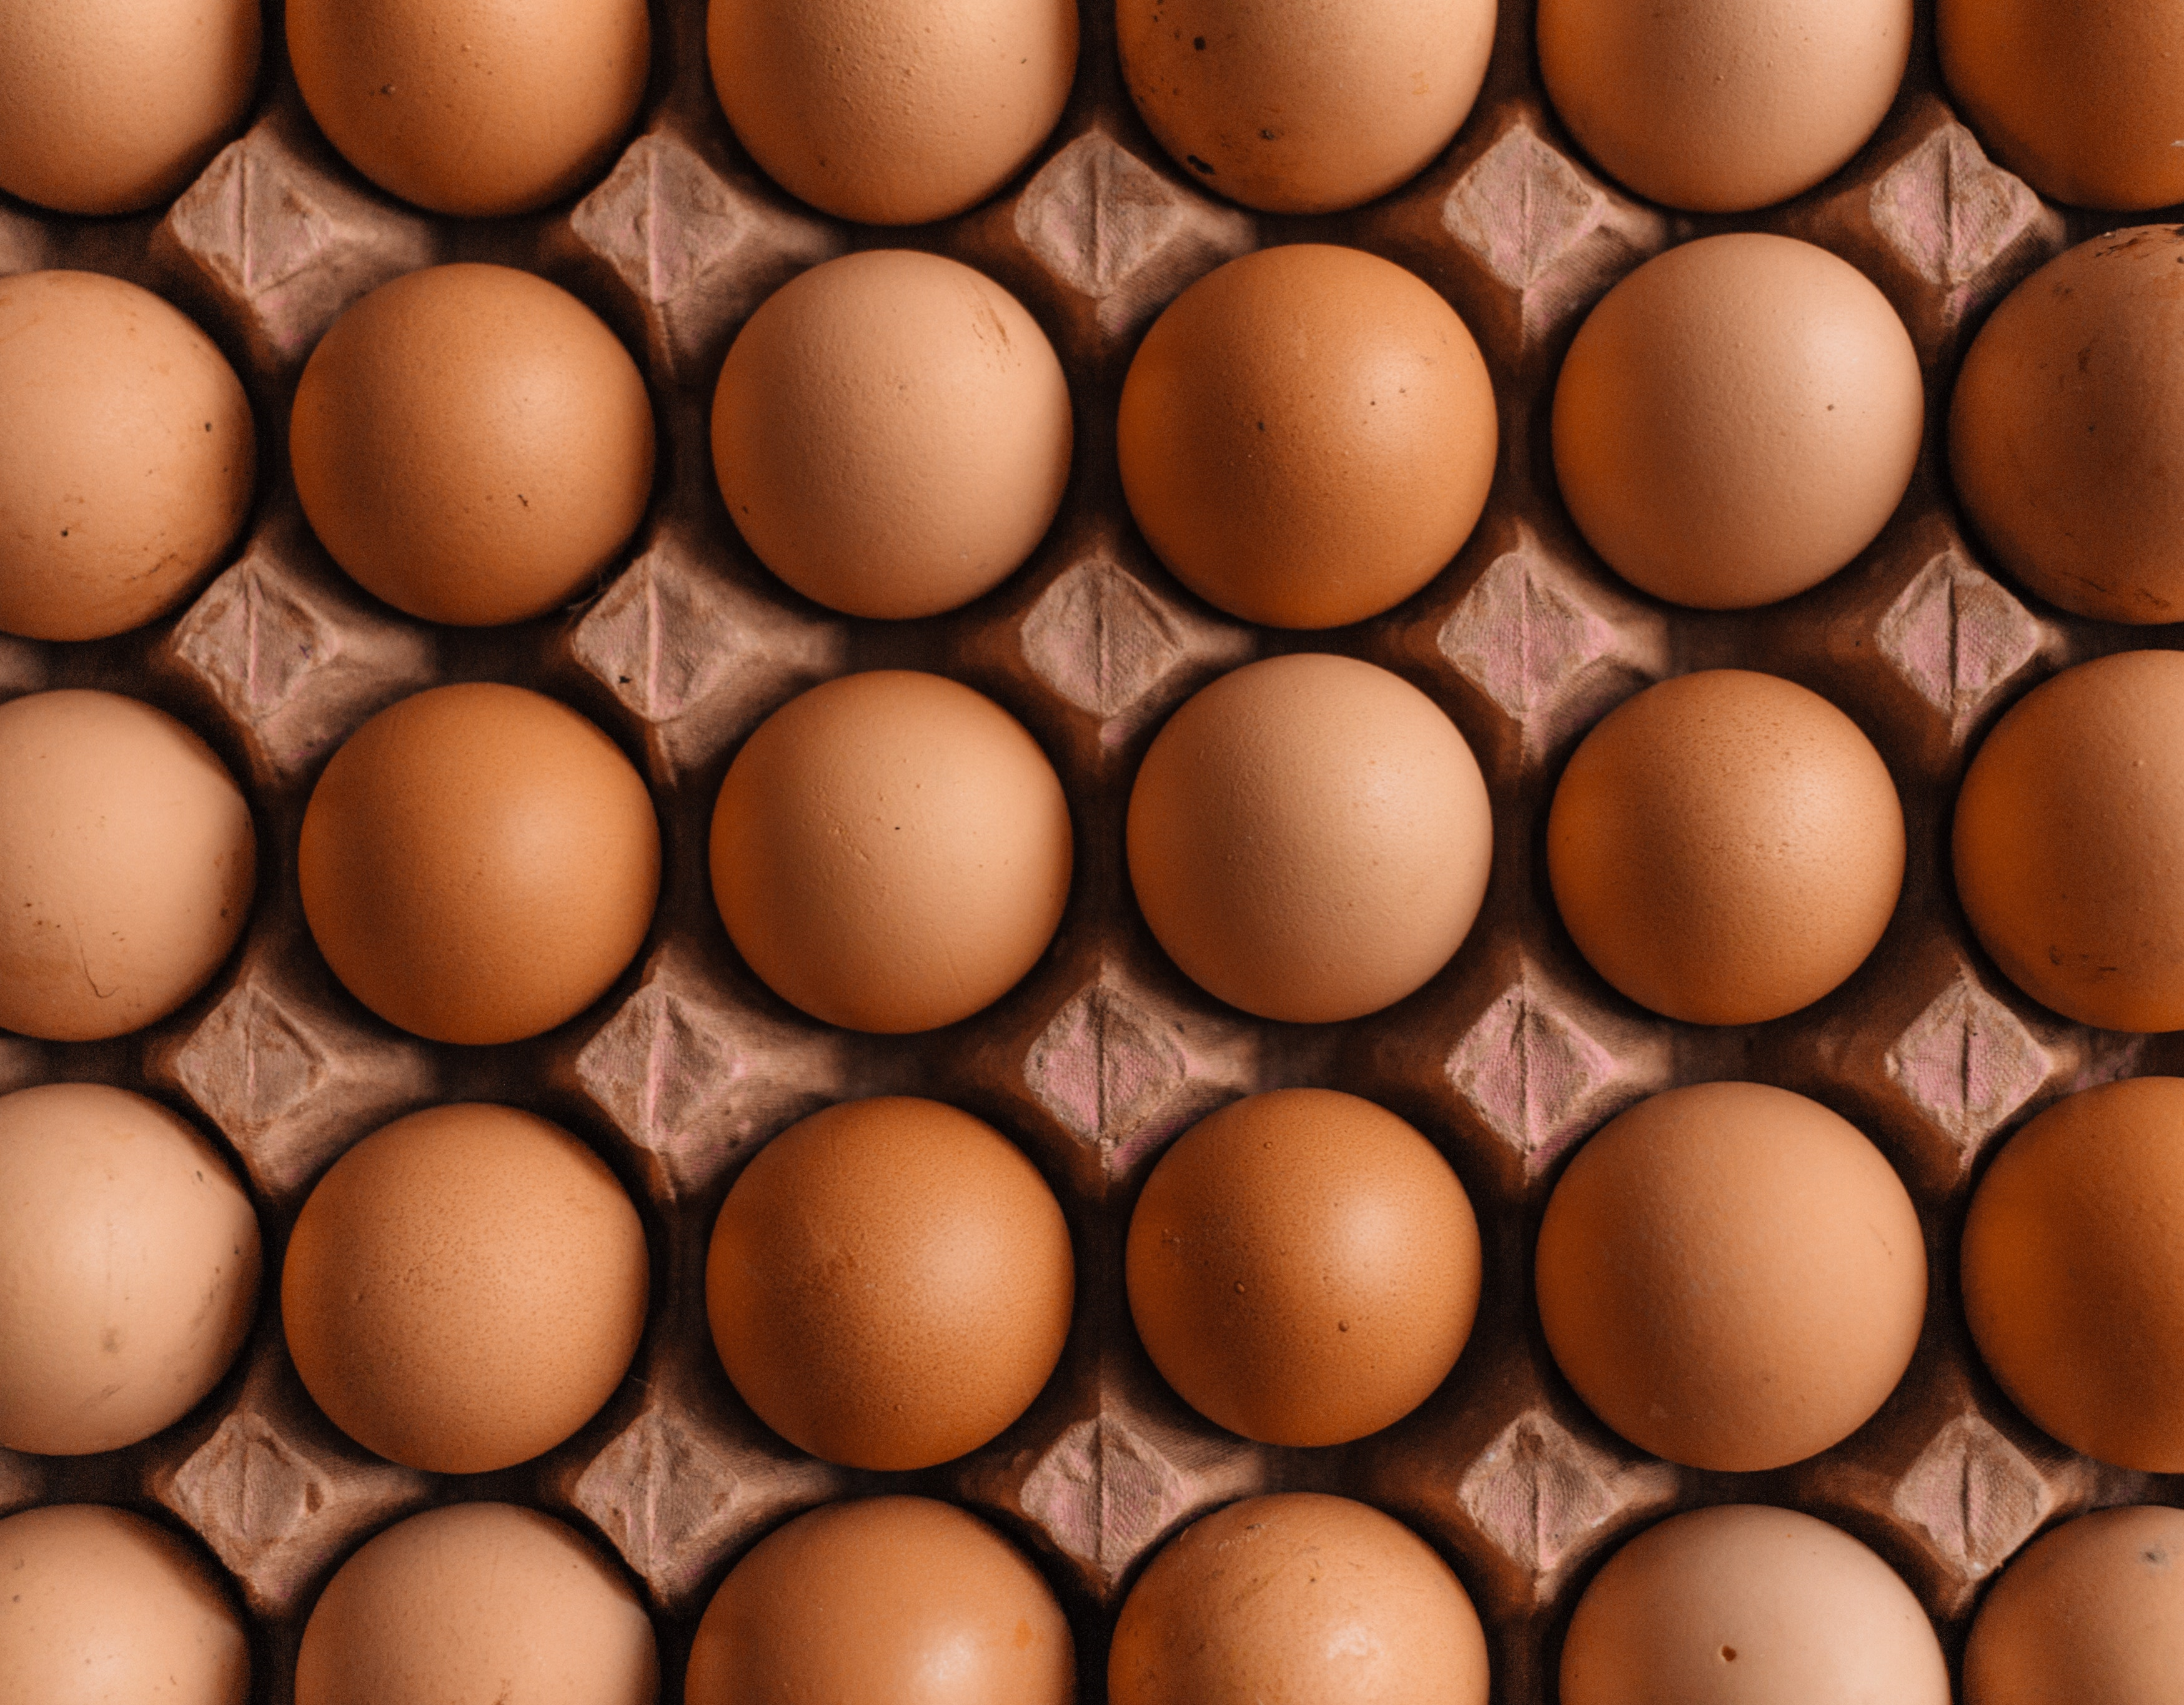 125494 Заставки и Обои Яйца на телефон. Скачать Еда, Яйца, Кассета картинки бесплатно